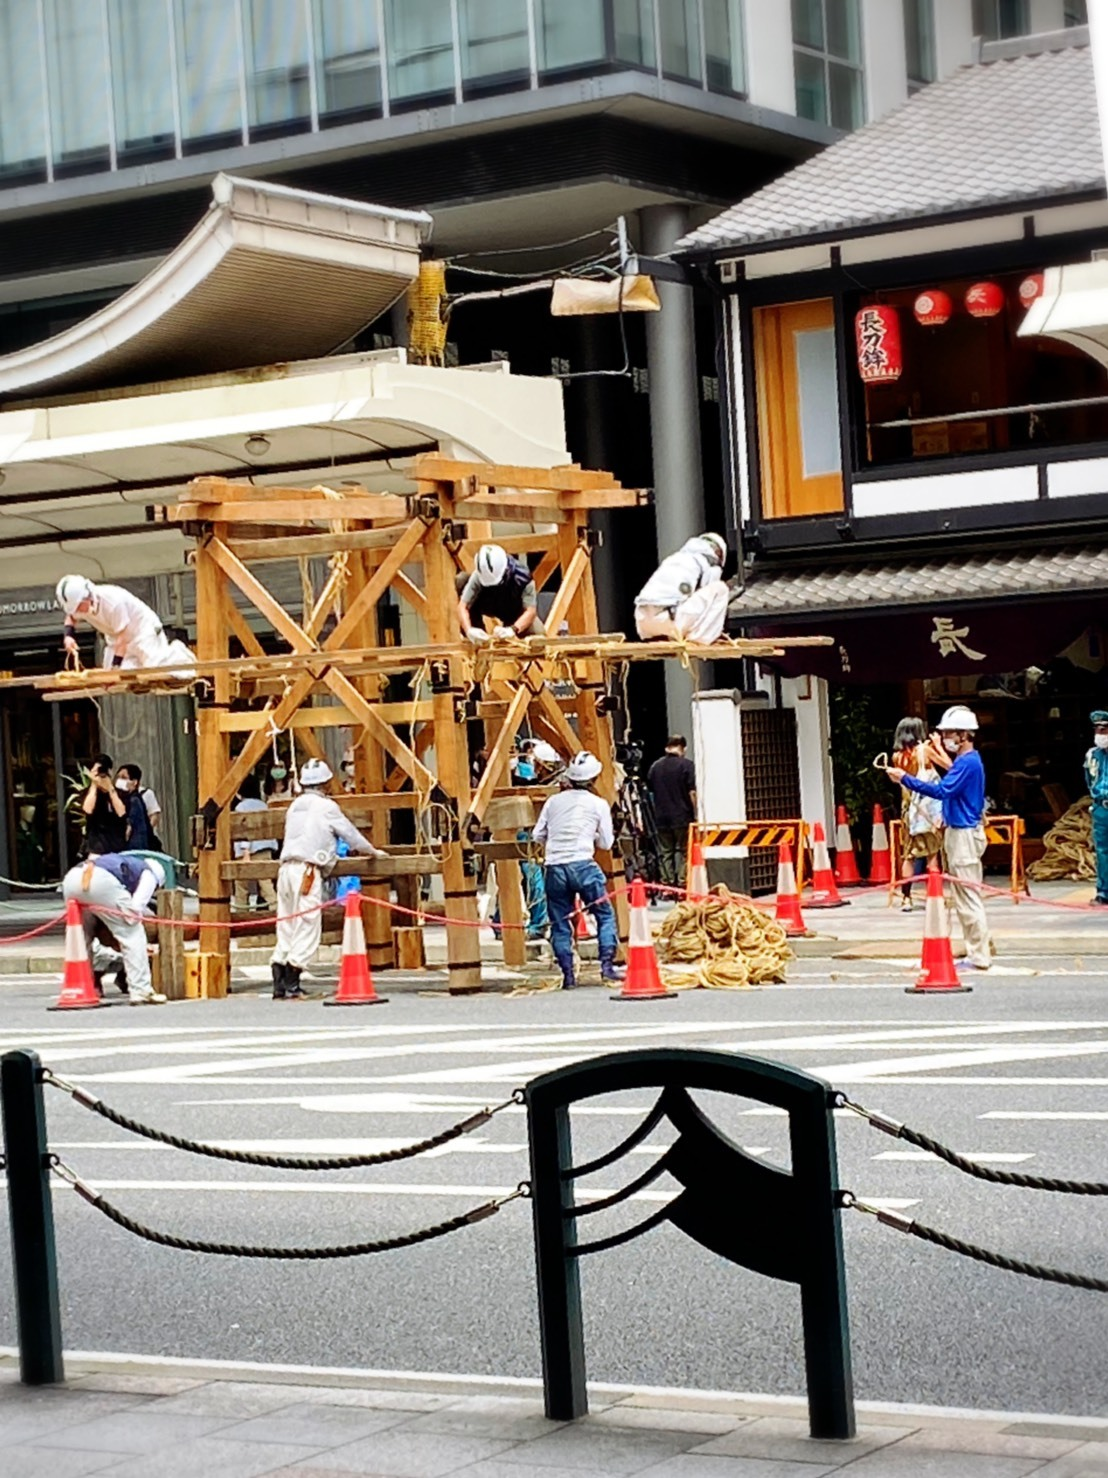 今年も祇園祭は中止ですが、ニコリニコリーは出店しておりますよー❗️_a0129631_10134076.jpg